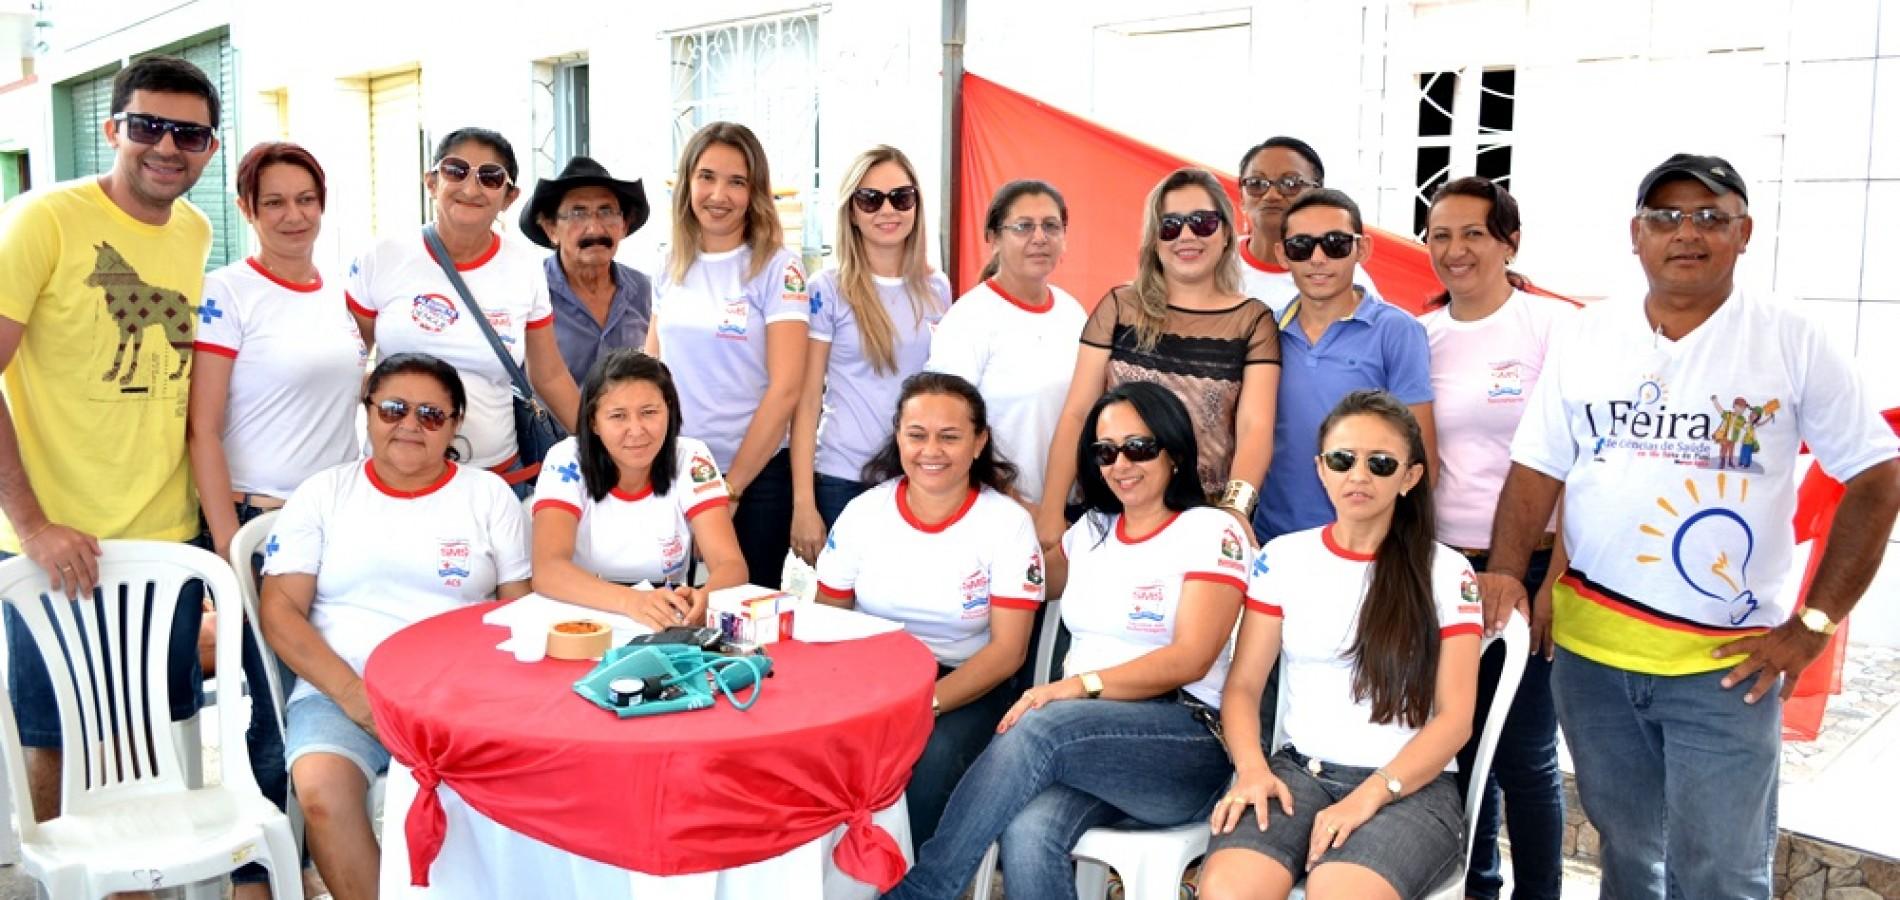 Alegrete do Piauí 22 anos: Dia de Cidadania